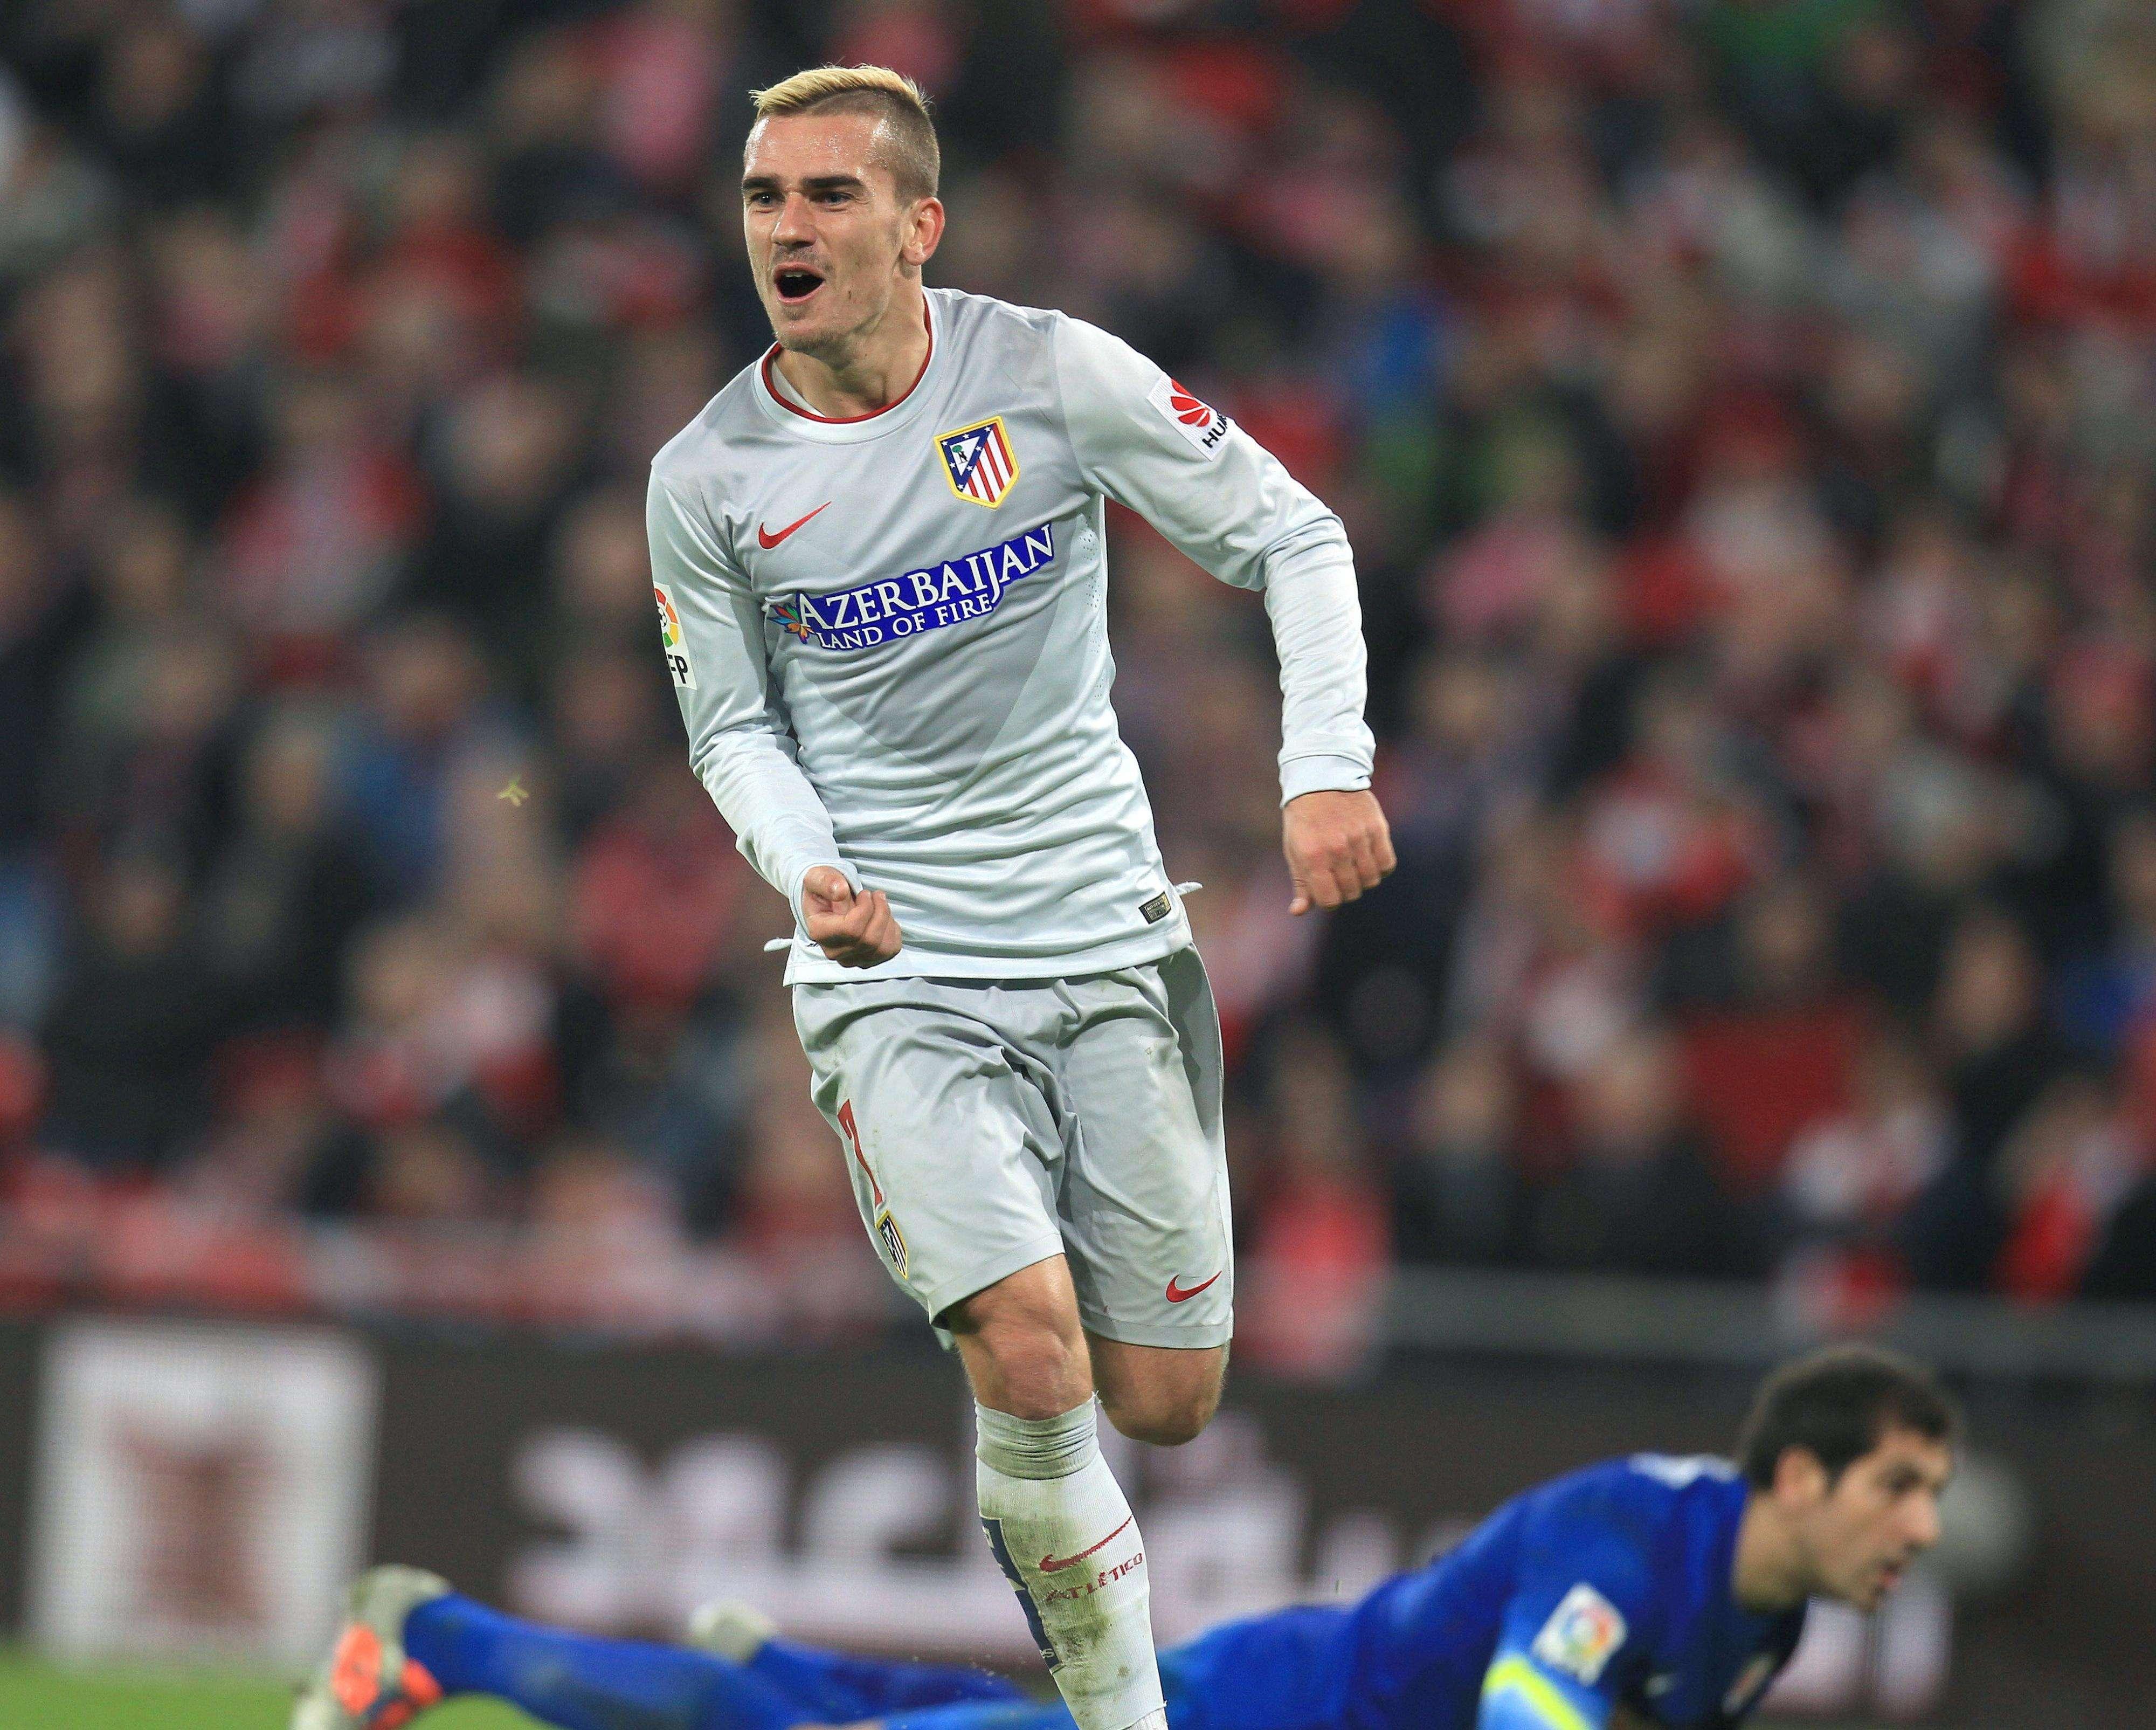 El francés consiguipo tres goles. Foto: EFE